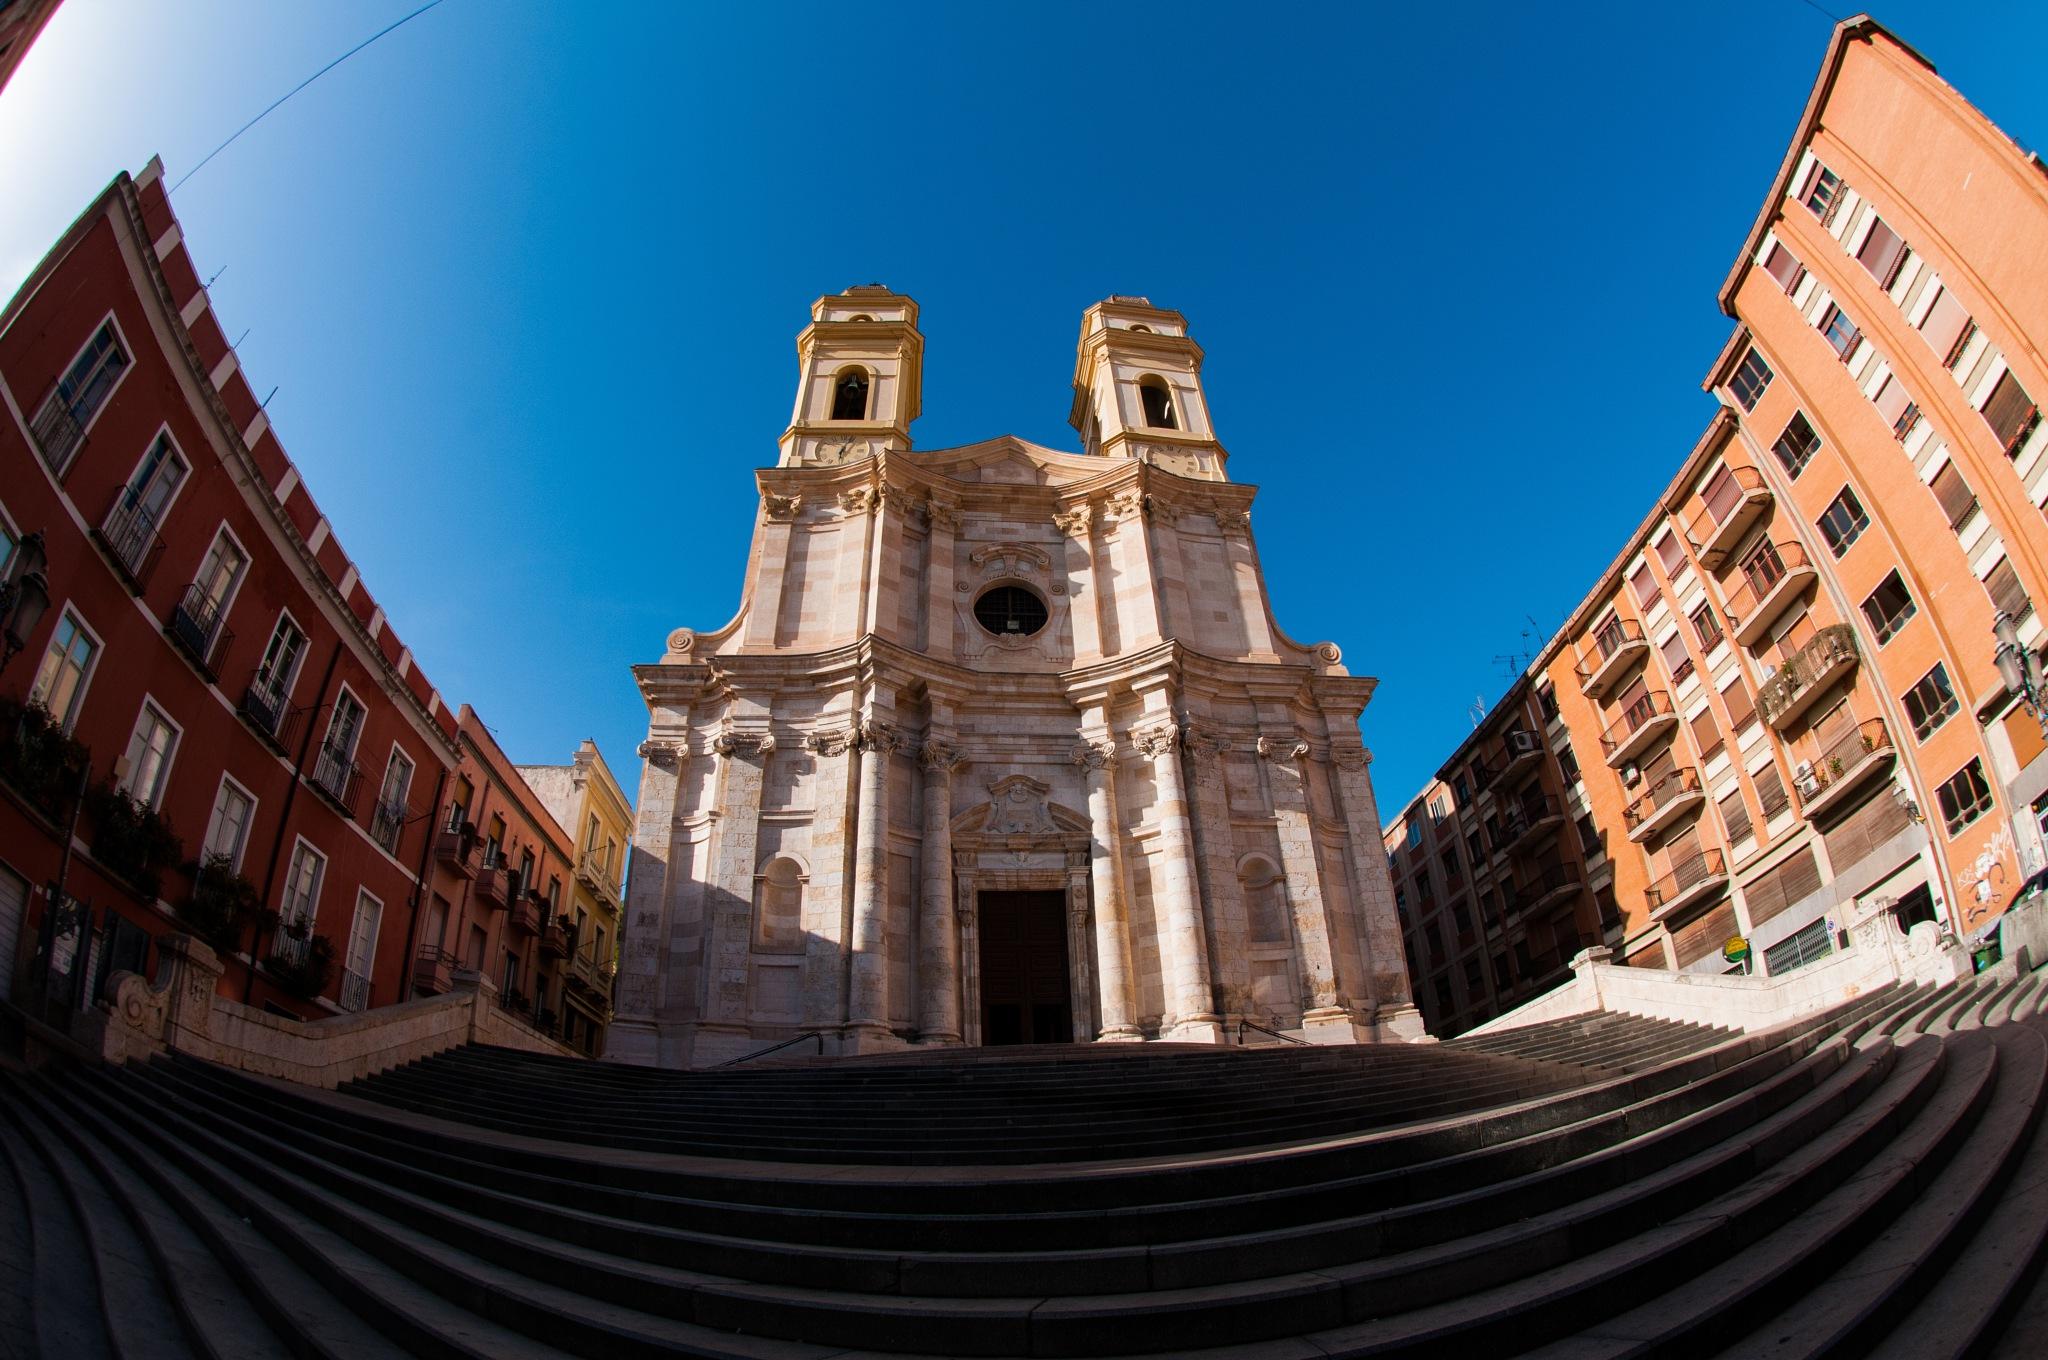 Chiesa di Sant'Anna (Cagliari) by corvonero